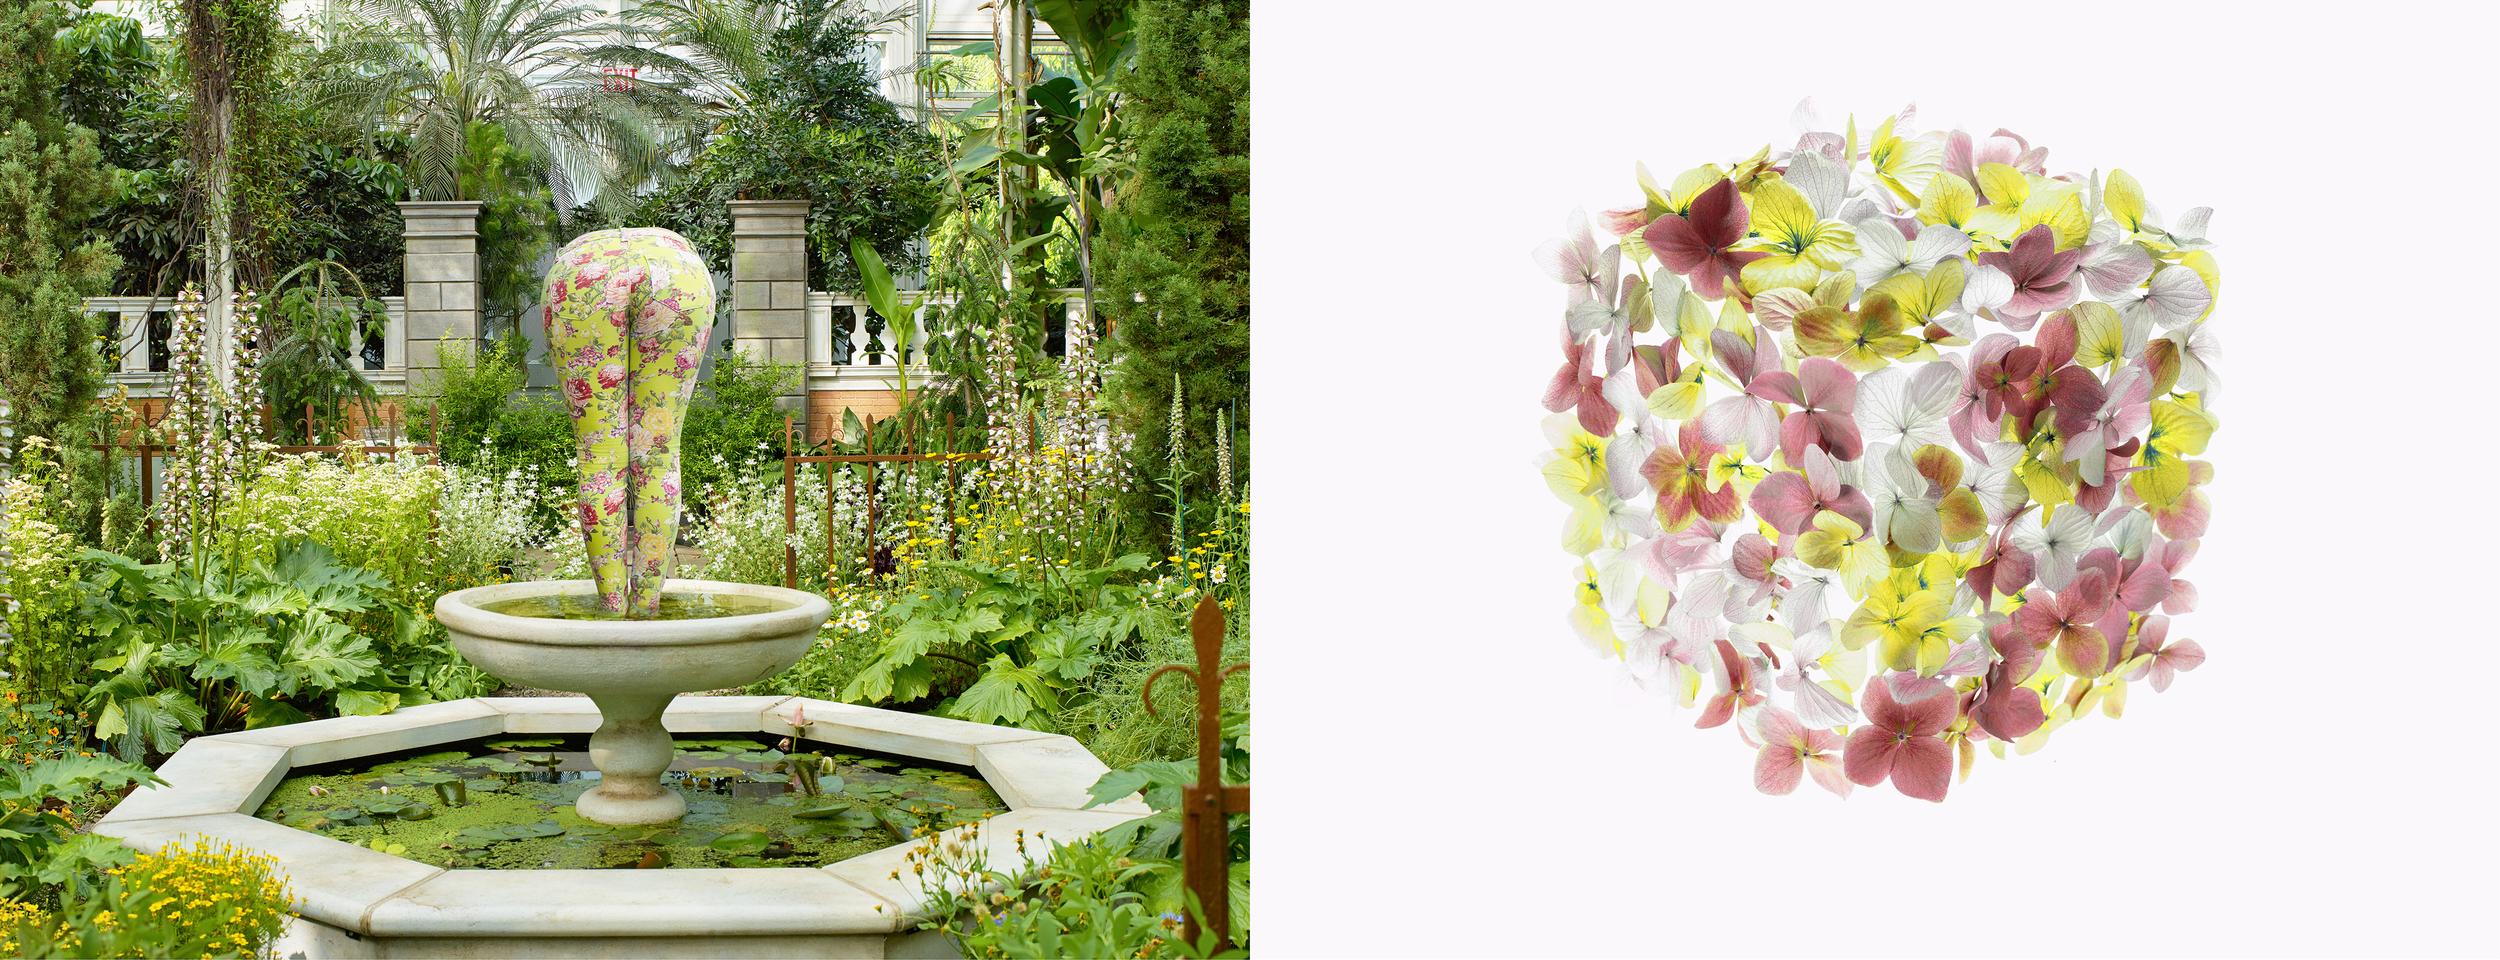 Botanical_15.jpg